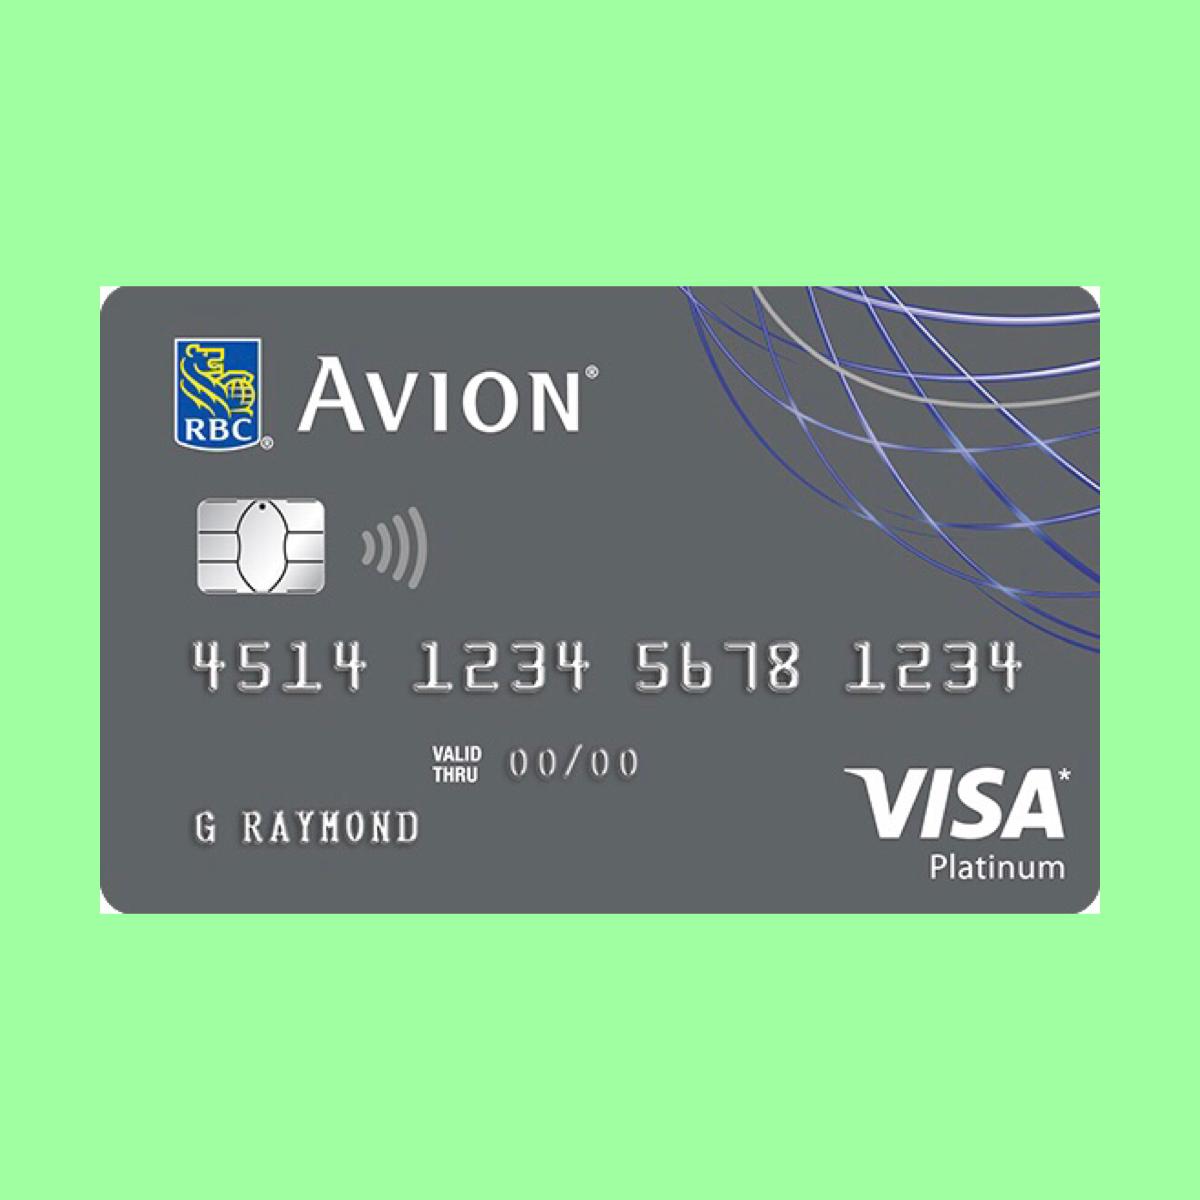 Rbc Avion Visa Platinum Card The Point Calculator Visa Platinum Card Visa Platinum Credit Card Points